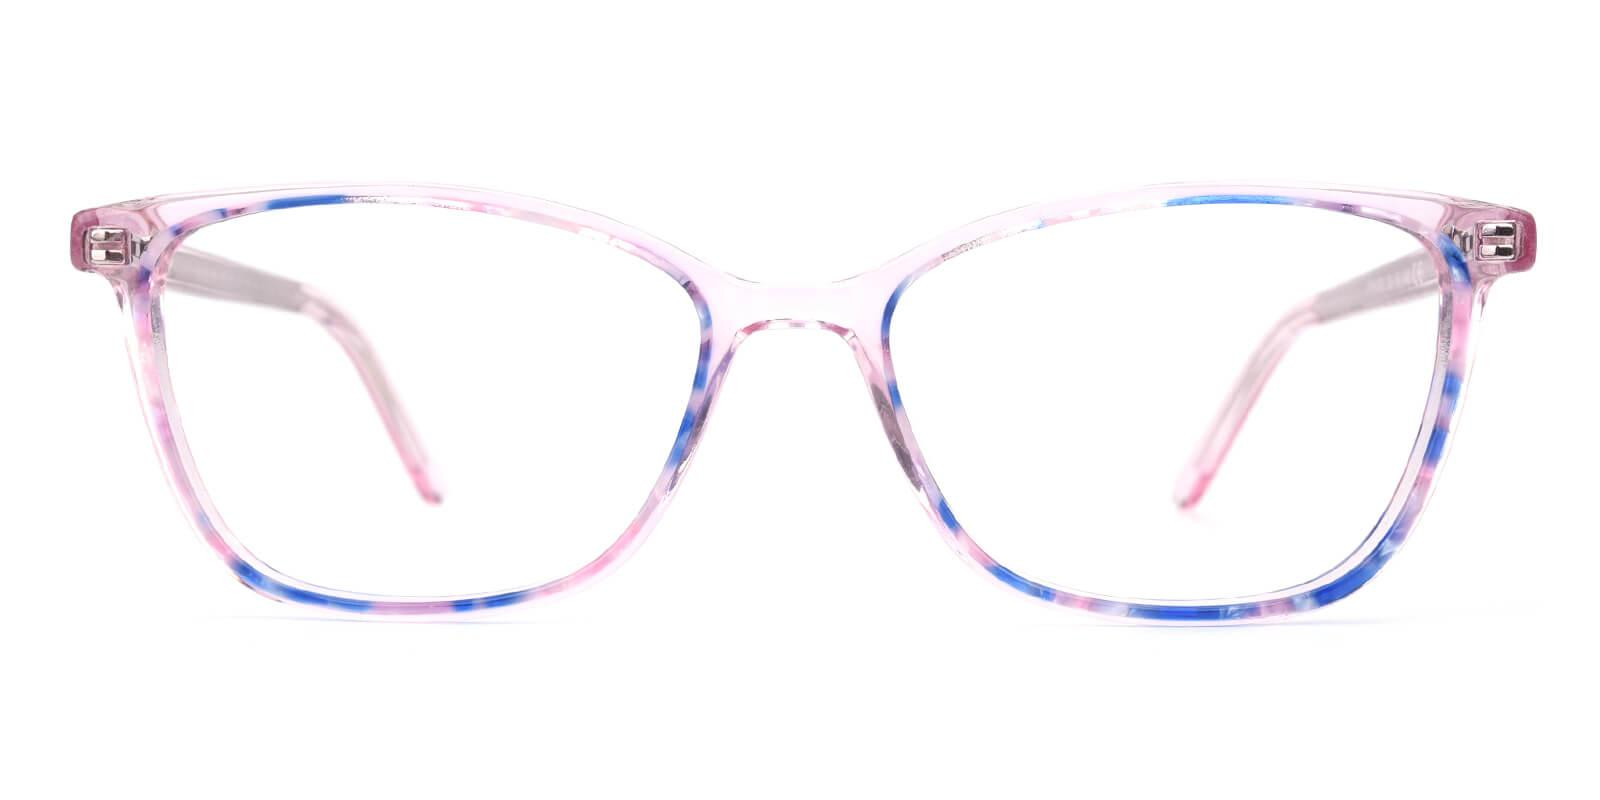 Darleney-Pink-Cat-Acetate-Eyeglasses-detail